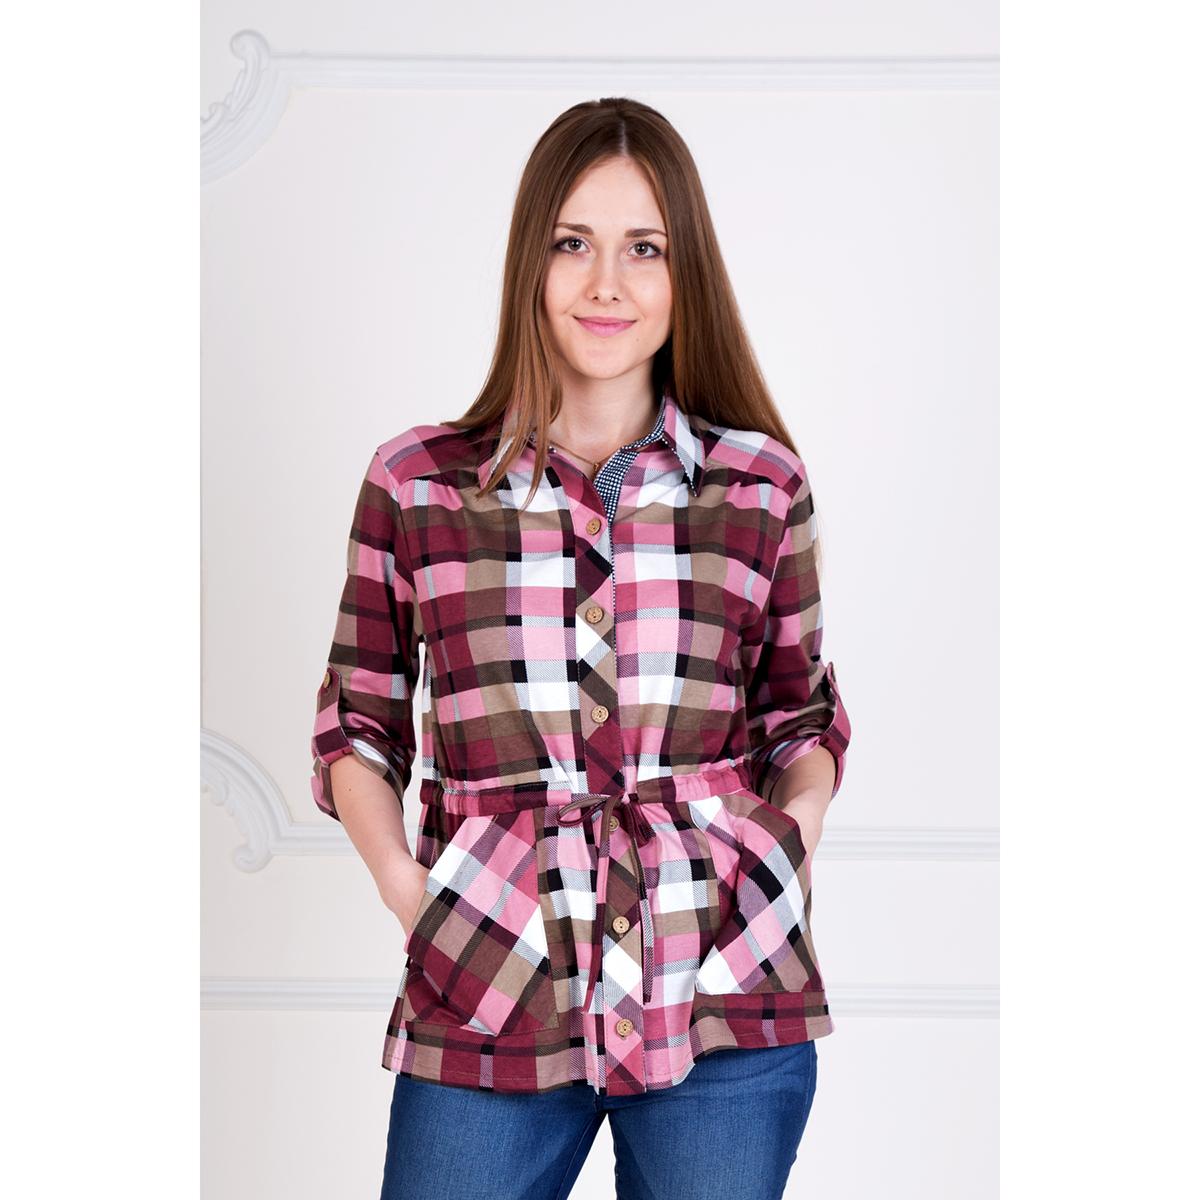 Женская рубашка Клетка Брусничный, размер 58Распродажа<br>Обхват груди:116 см<br>Обхват талии:97 см<br>Обхват бедер:124 см<br>Рост:167 см<br><br>Тип: Жен. рубашка<br>Размер: 58<br>Материал: Кулирка